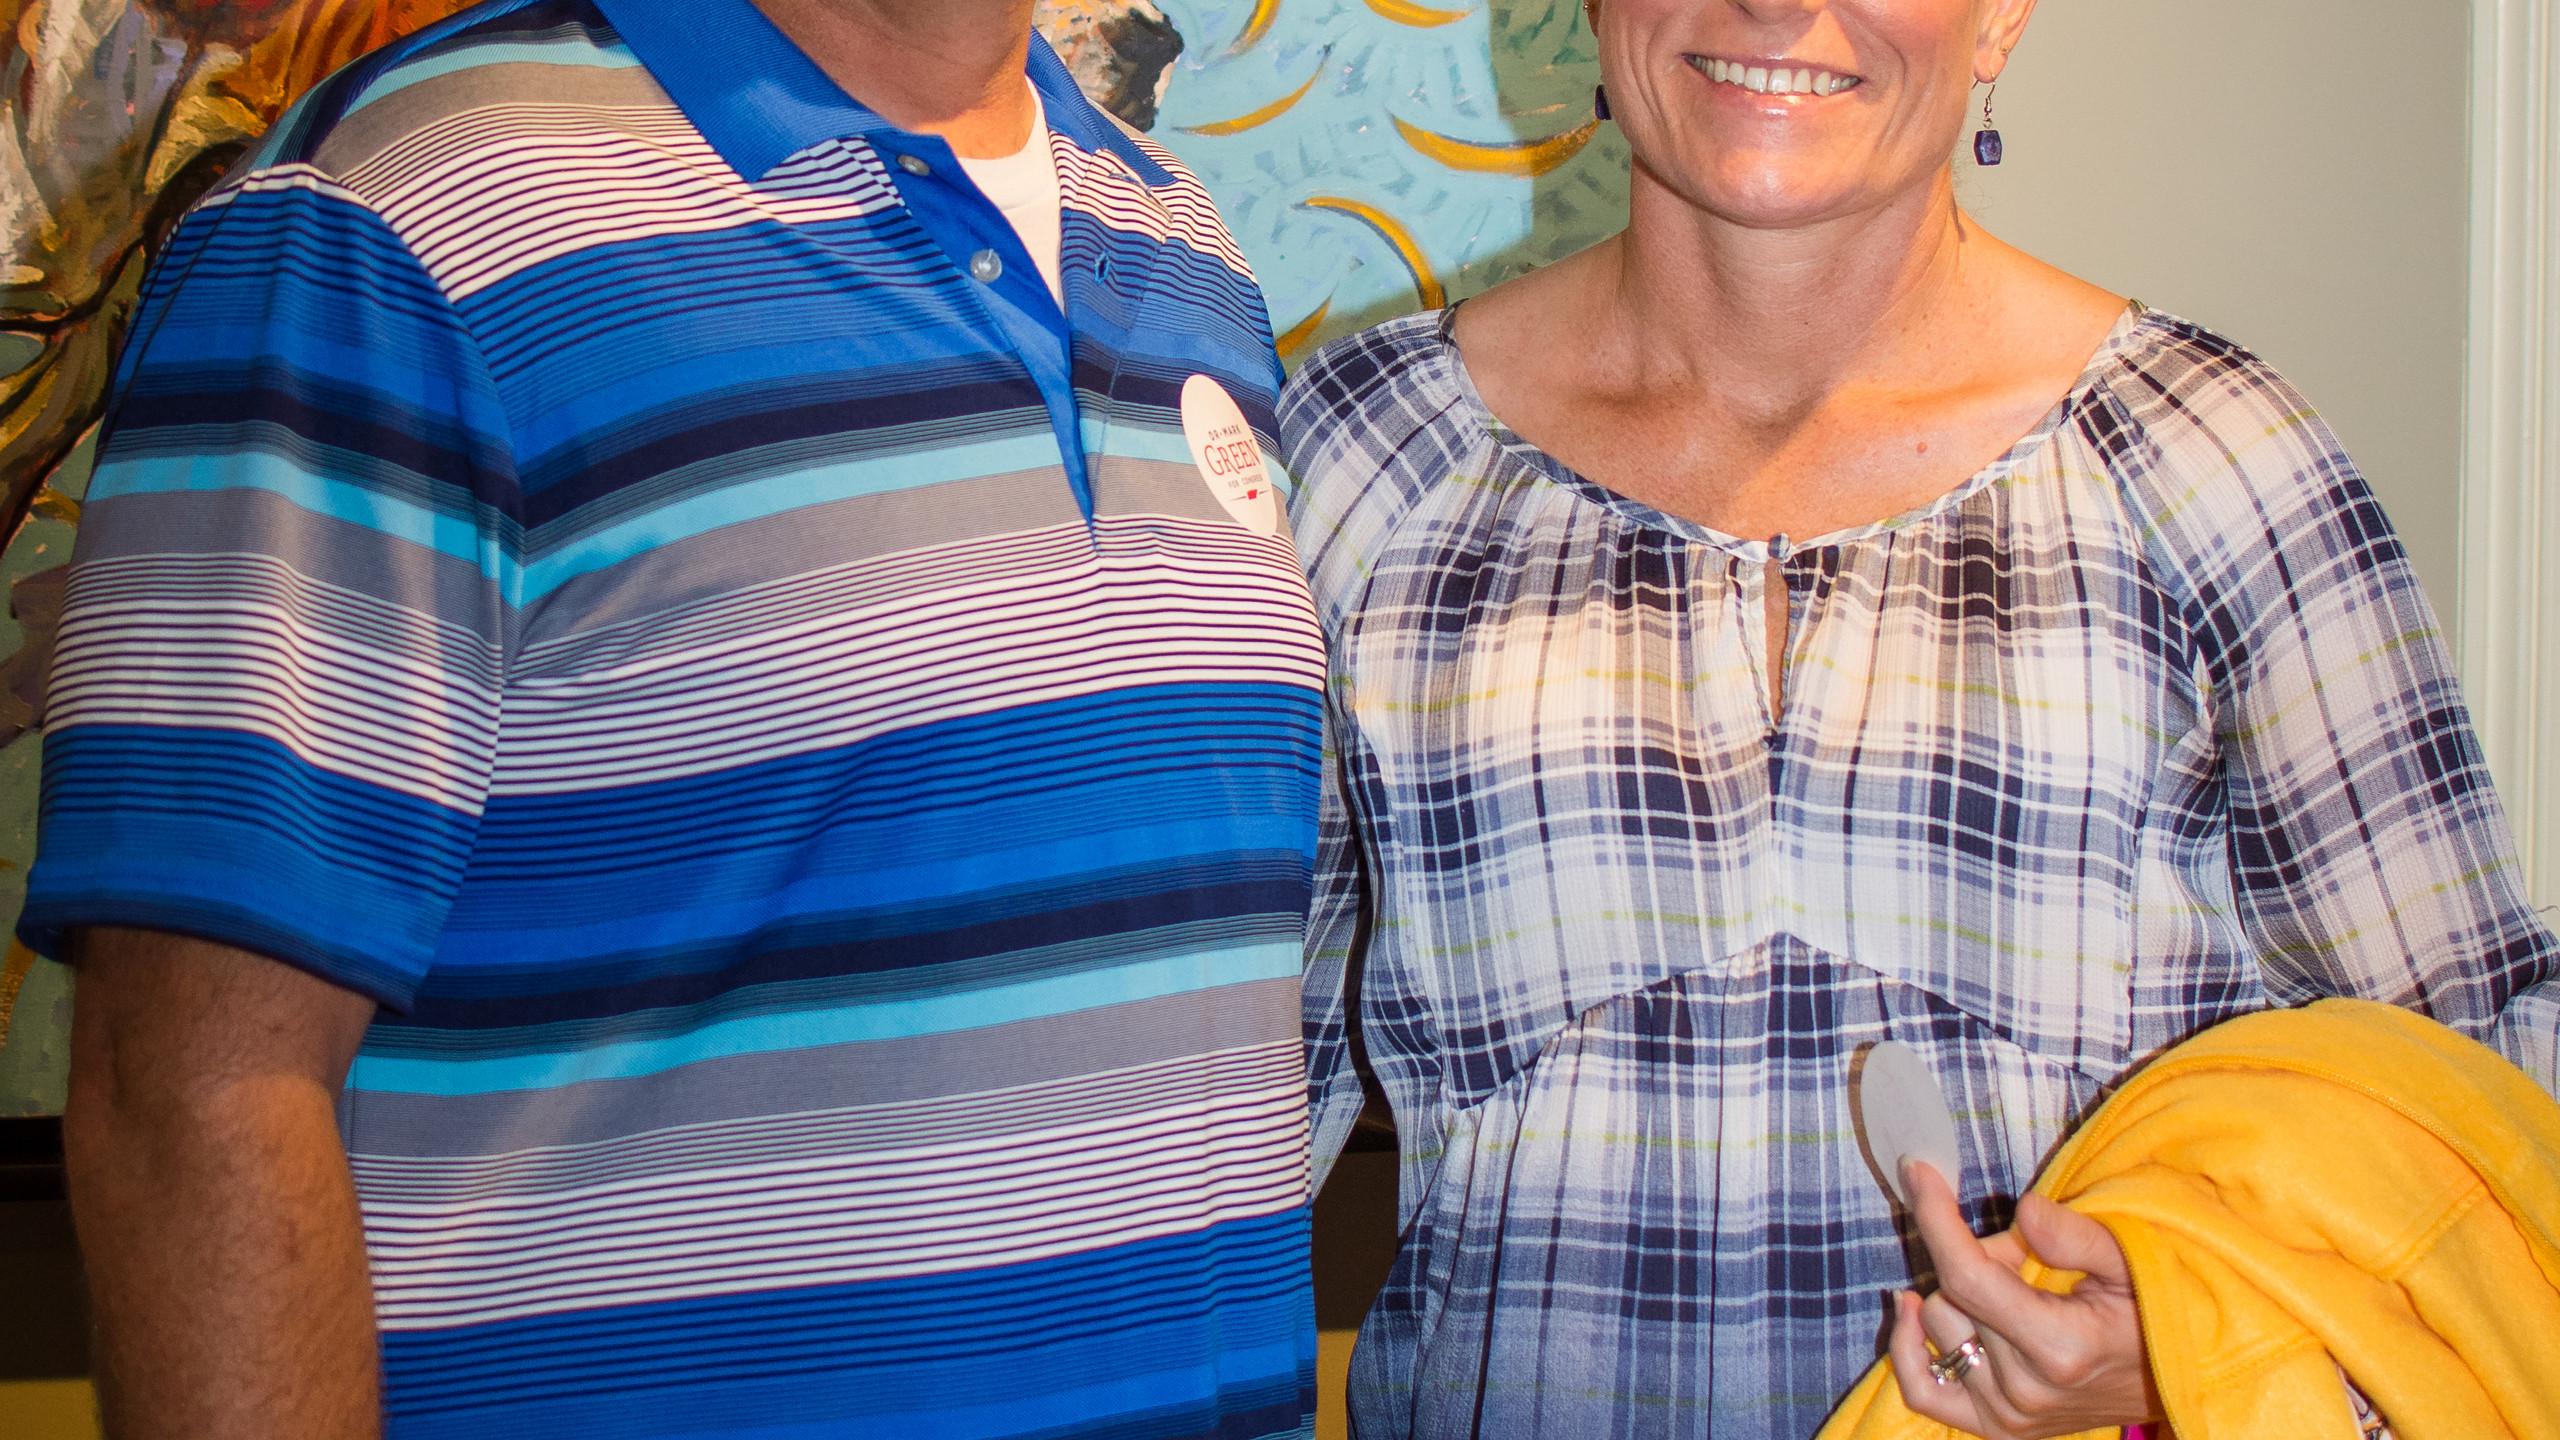 Jimmy and Lori Brown